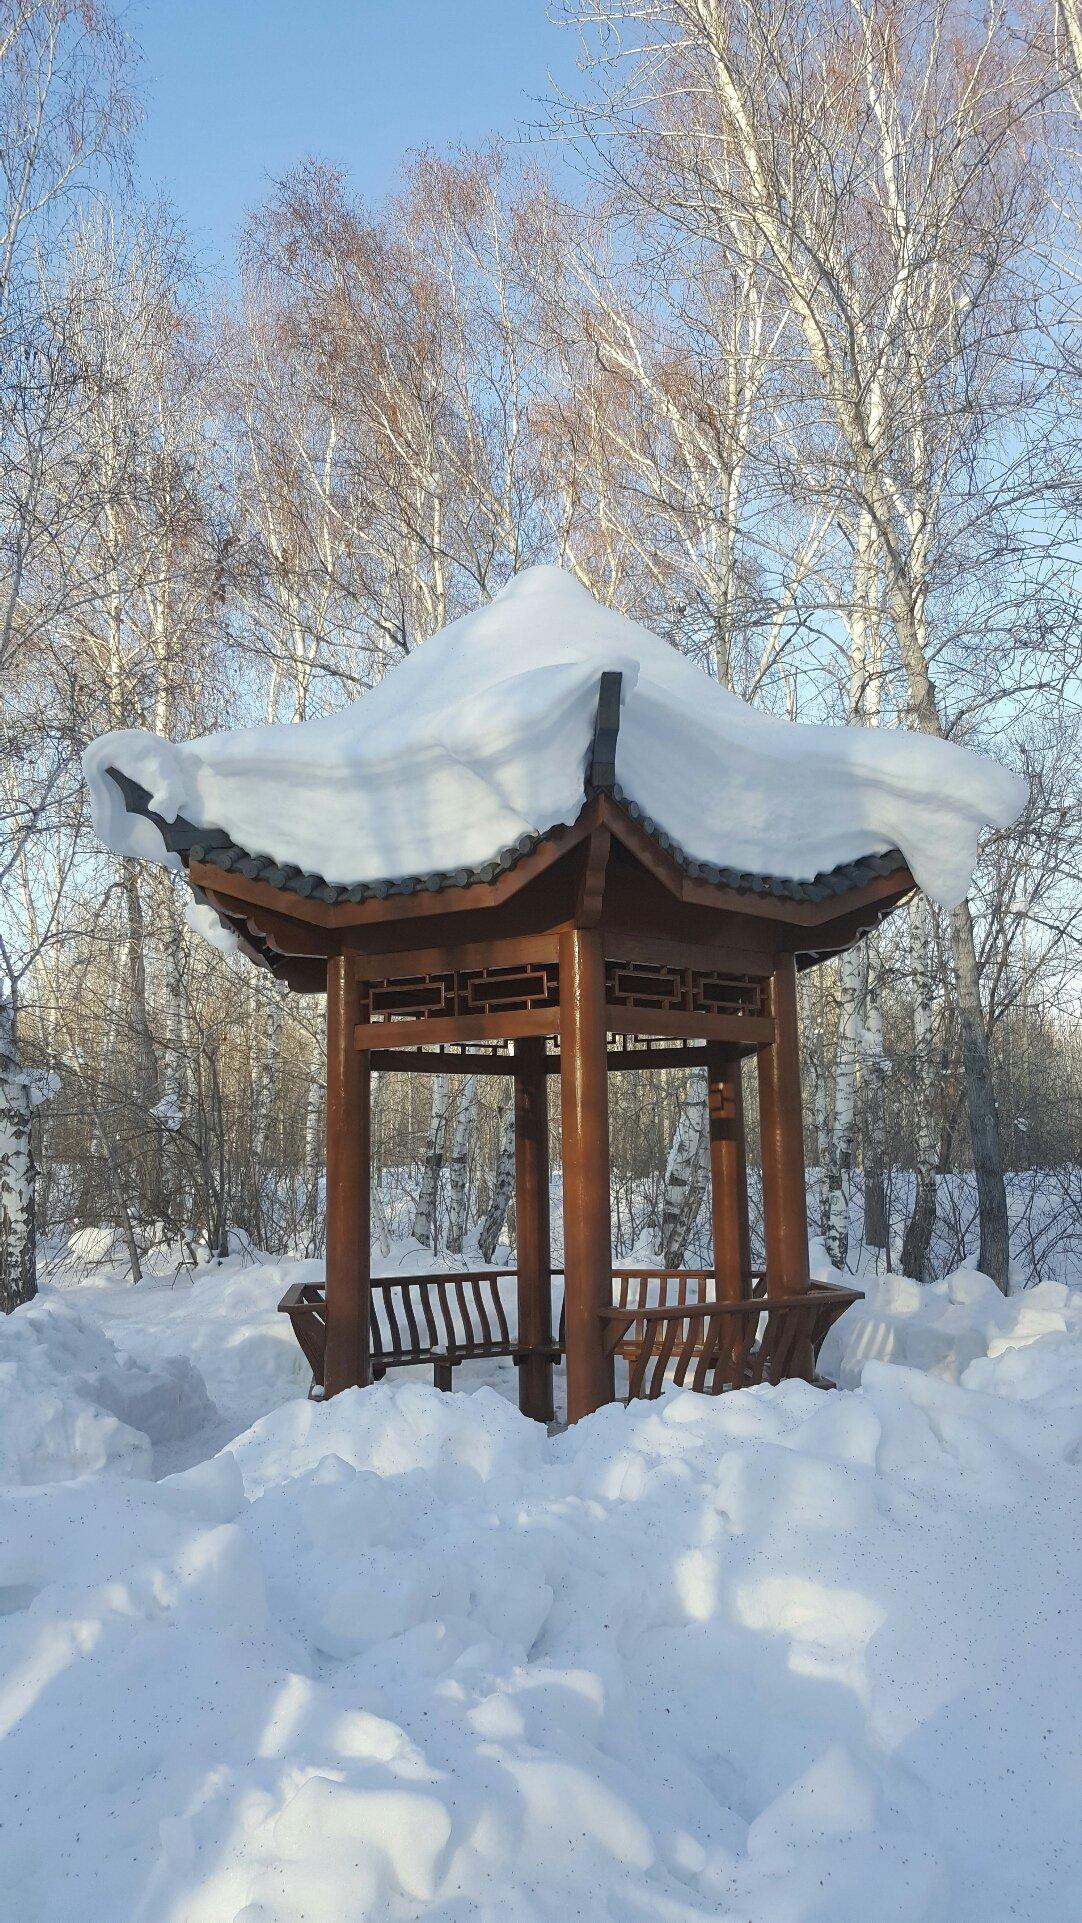 新疆维吾尔自治区阿勒泰地区阿勒泰市公园路靠近桦林公园天气预报